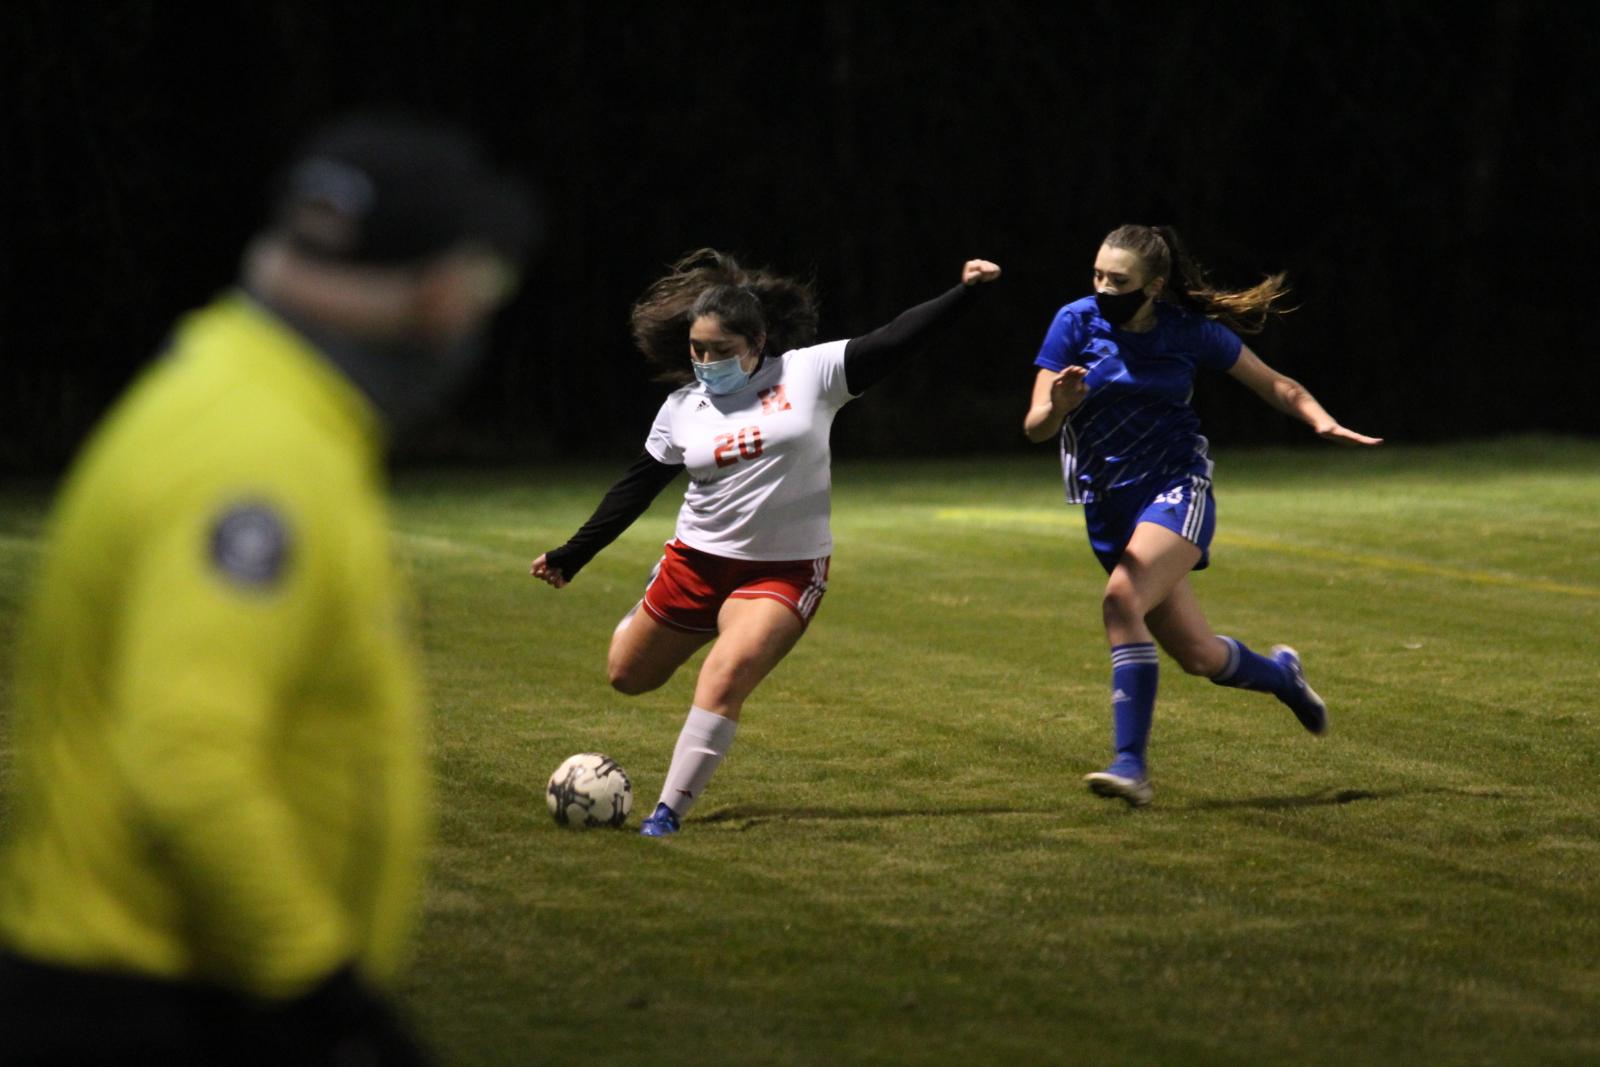 Hoquiam v. Elma Varsity Girls Soccer 3/2/21 (0-2 Loss) – Photos by Ben Winkelman